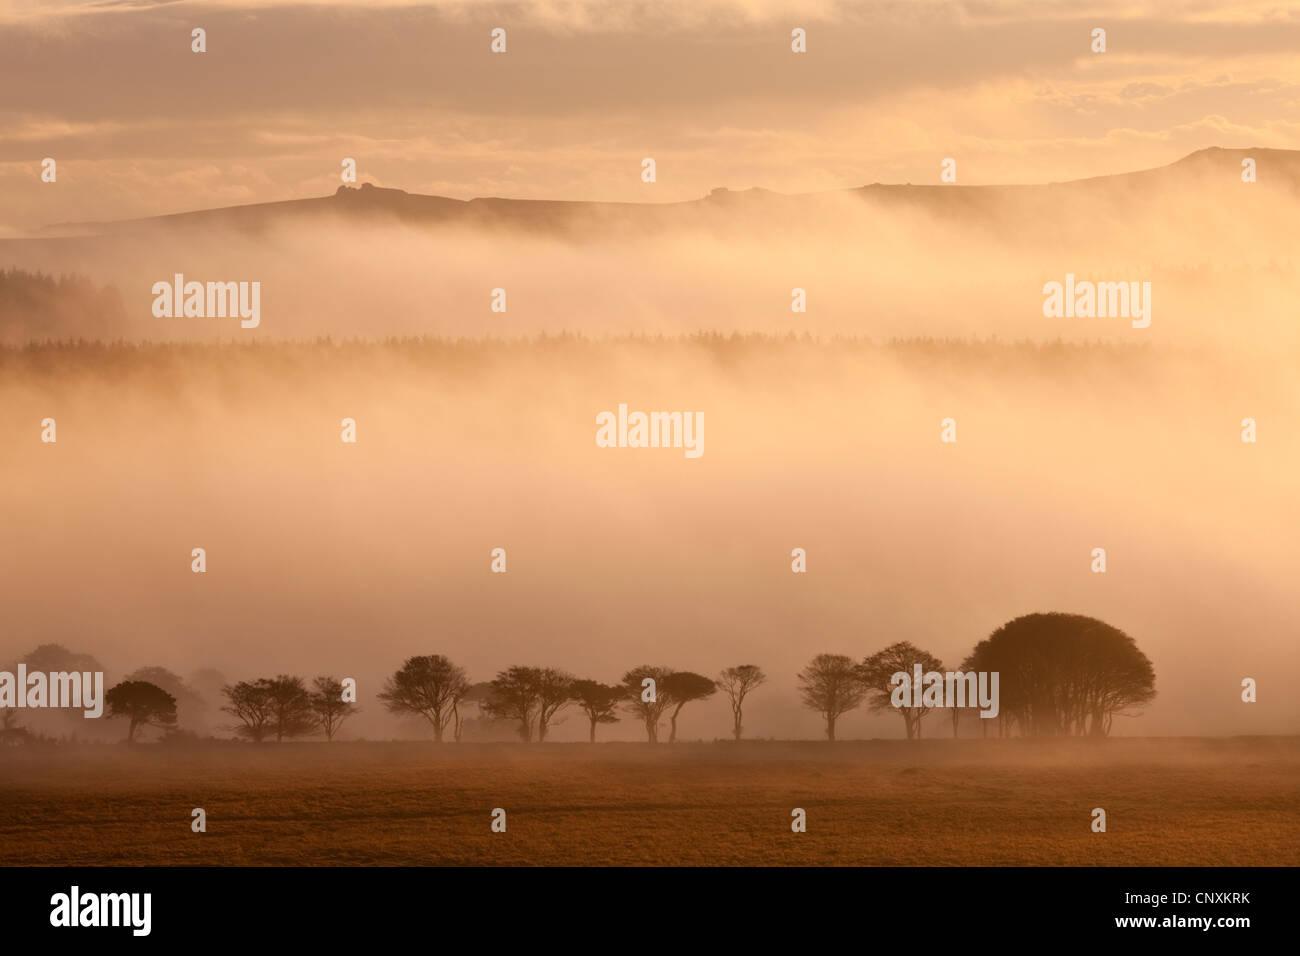 Nebel bedeckten Moor bei Sonnenaufgang, in der Nähe von Farbwerken, Dartmoor, Devon, England. Herbst (Oktober) Stockbild